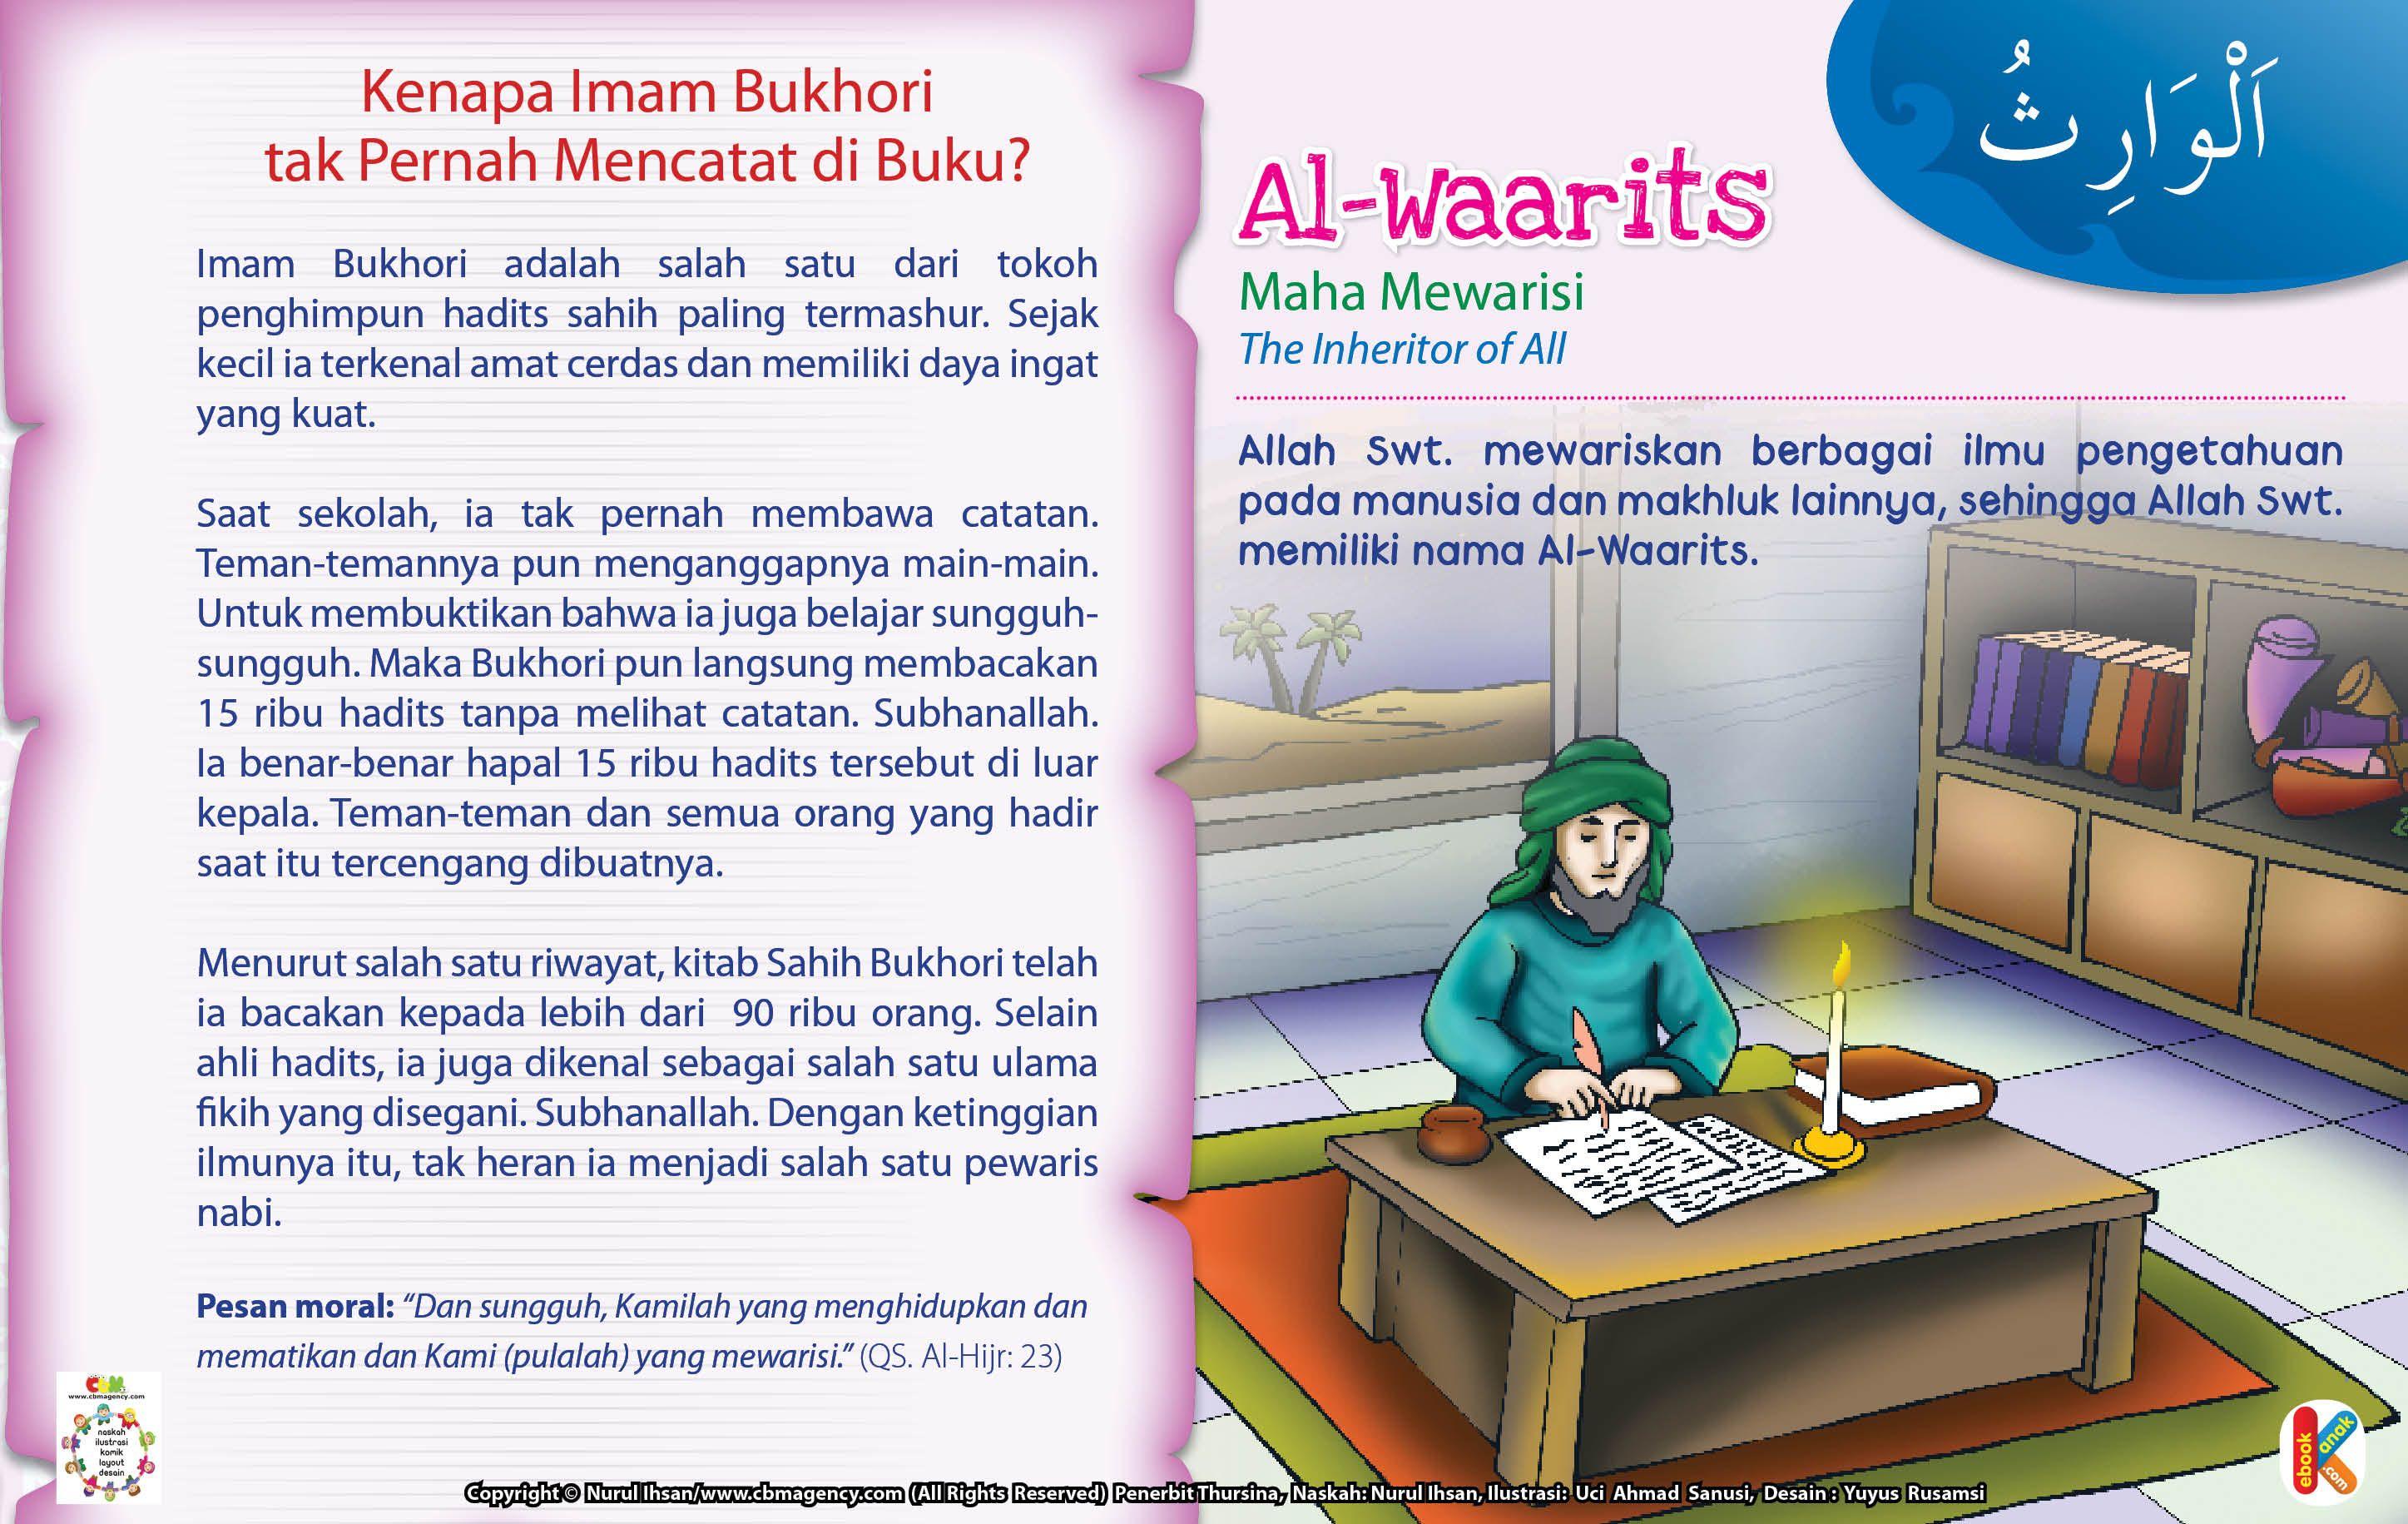 Kisah Asma Ul Husna Al Waarits Buku Sekolah Literasi